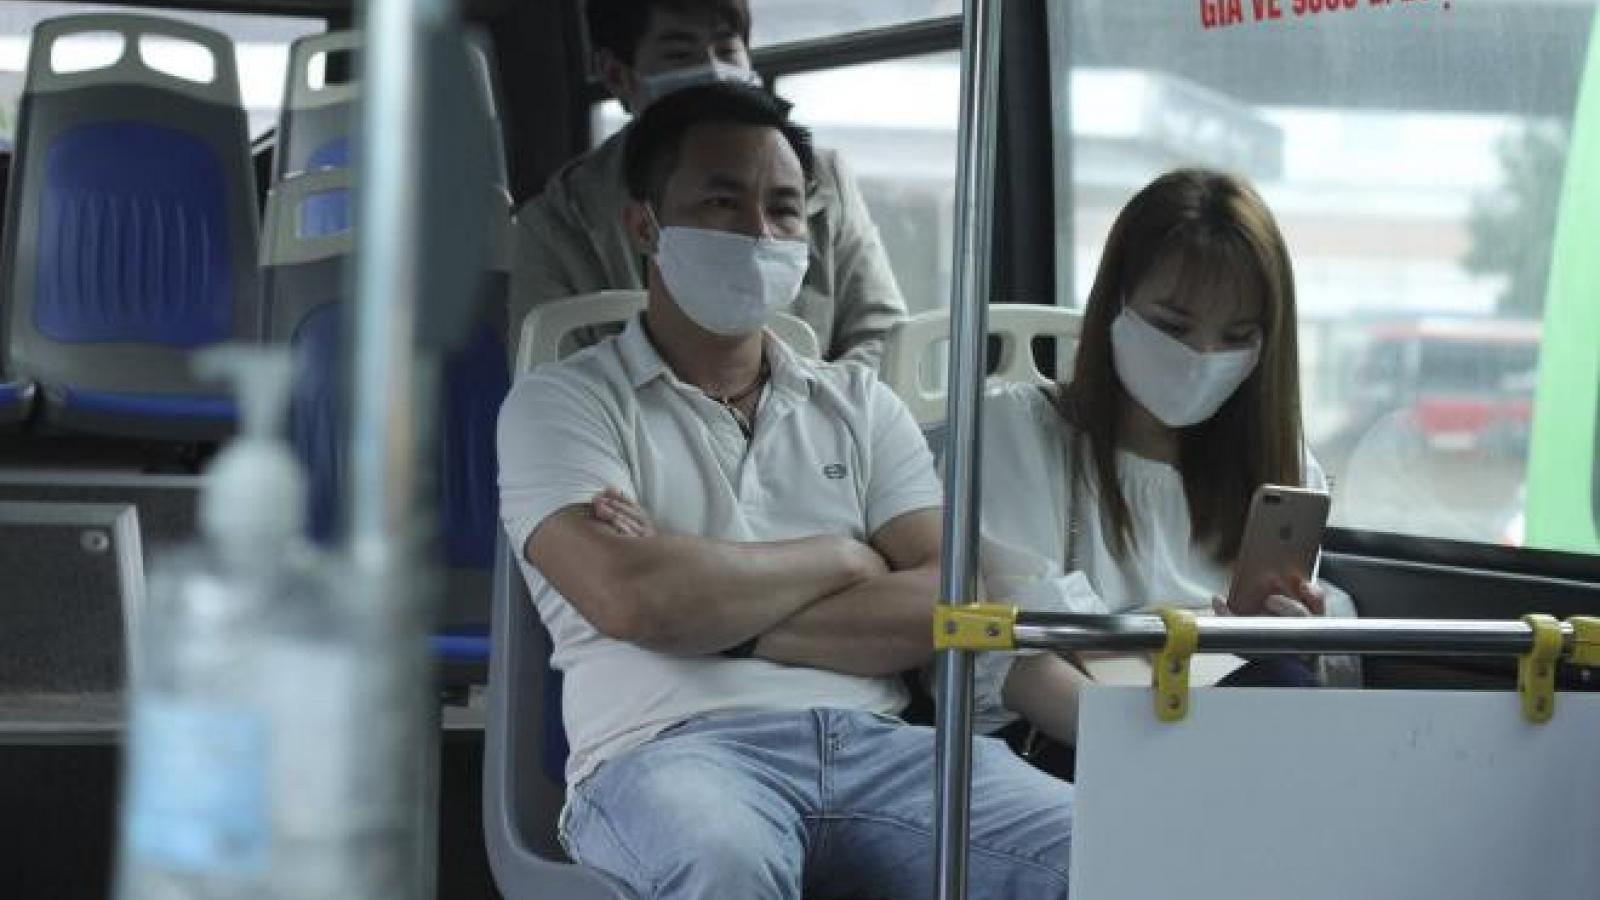 Tài xế, hành khách phải đeo khẩu trang tại nhà ga và trên xe